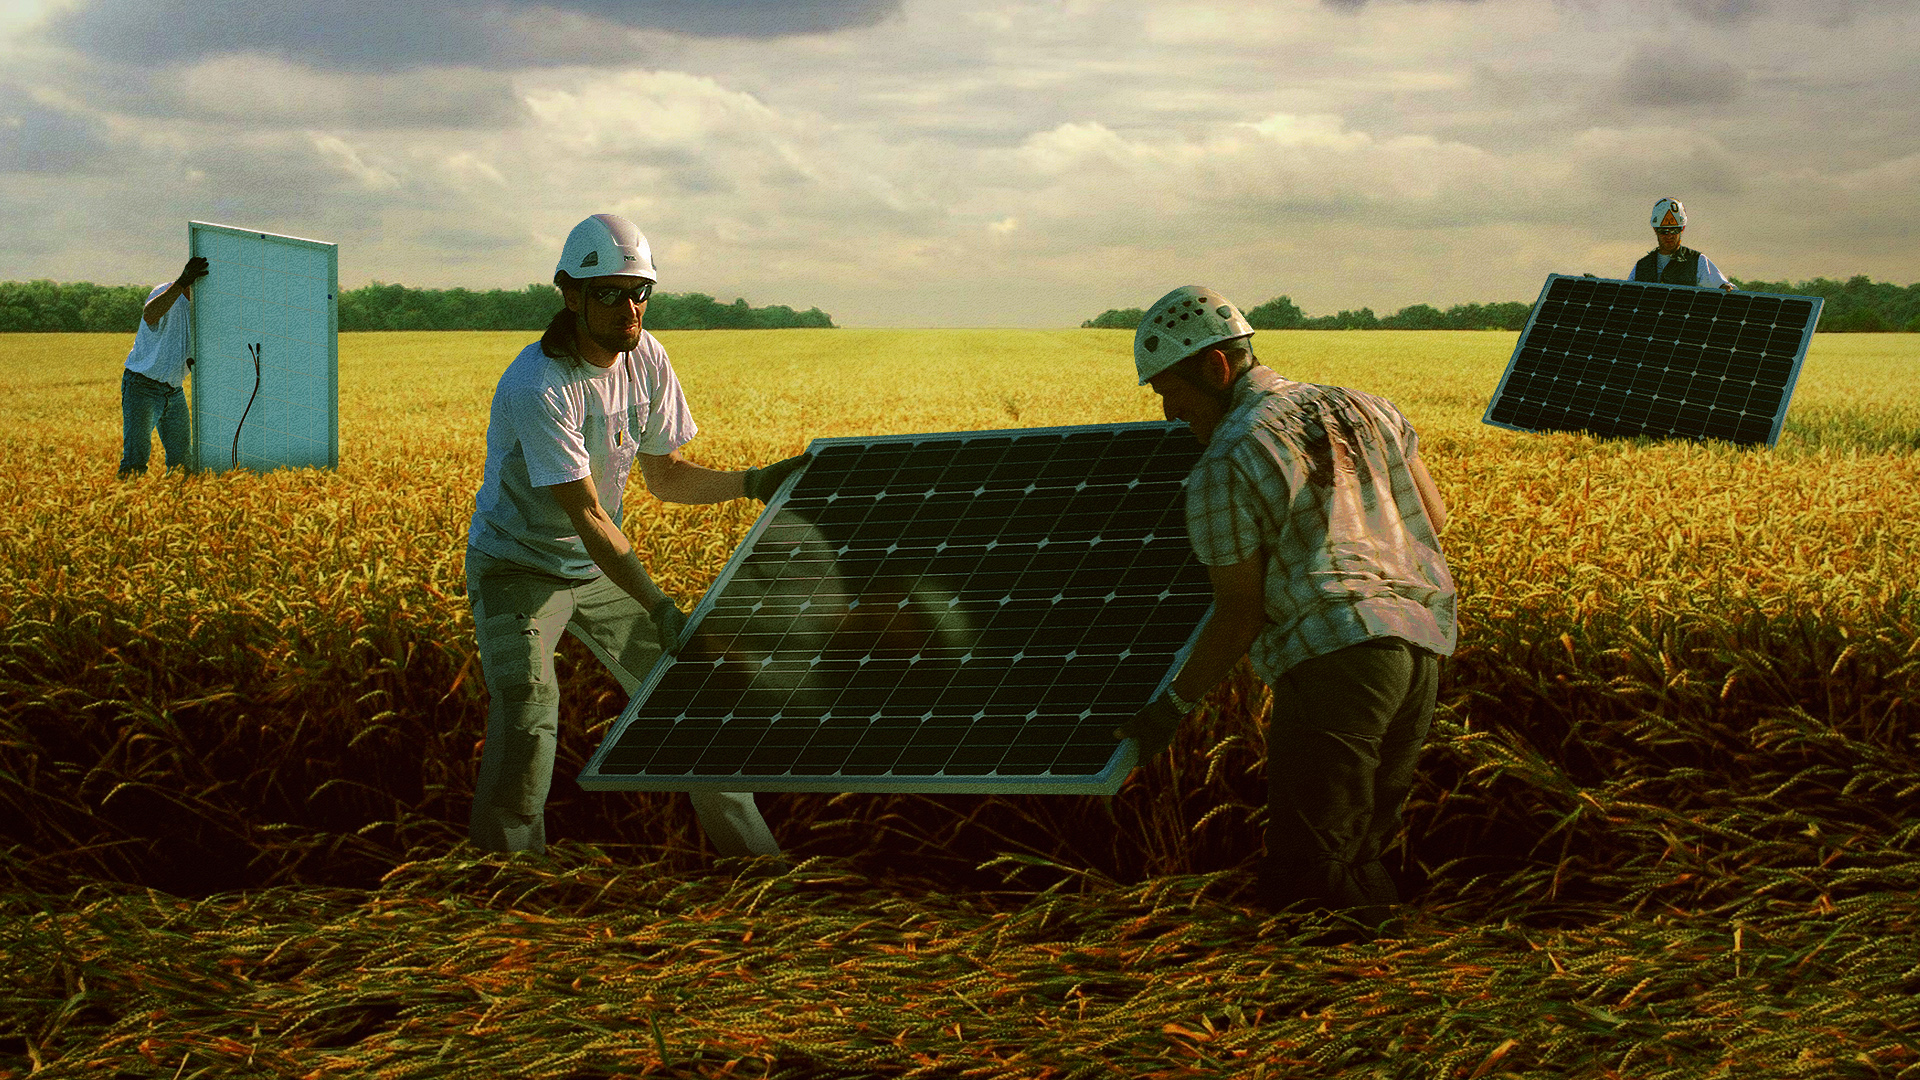 Az állam segít elvenni a földeket, ha a tulajdonosok nem akarják napelemes cégnek adni